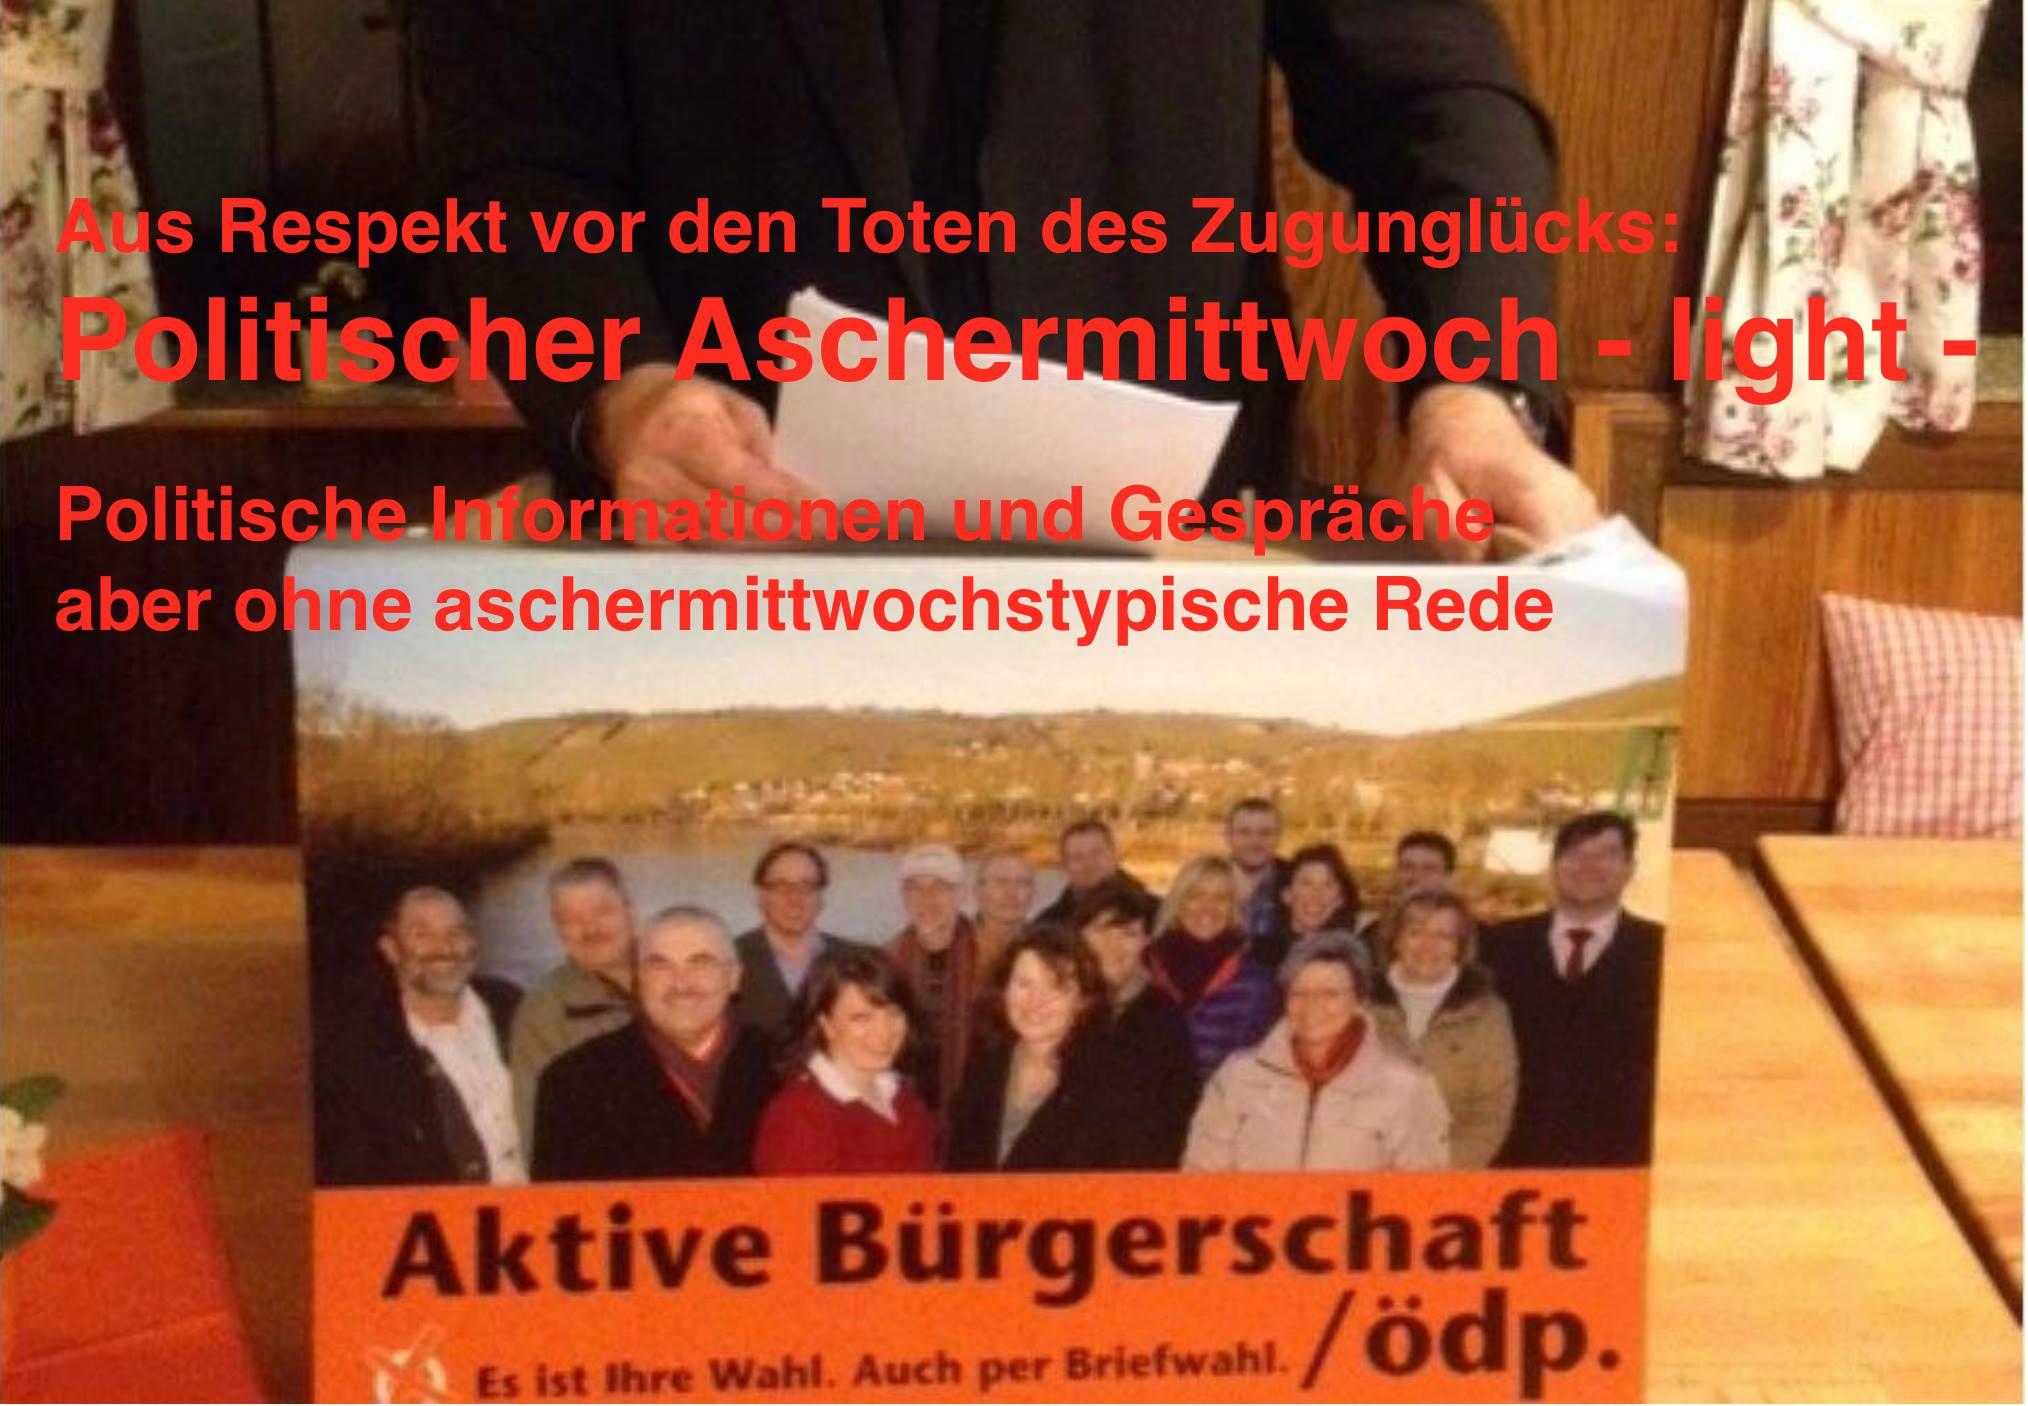 Politischer Aschermittwoch mit Matthias Henneberger - dieses Jahr